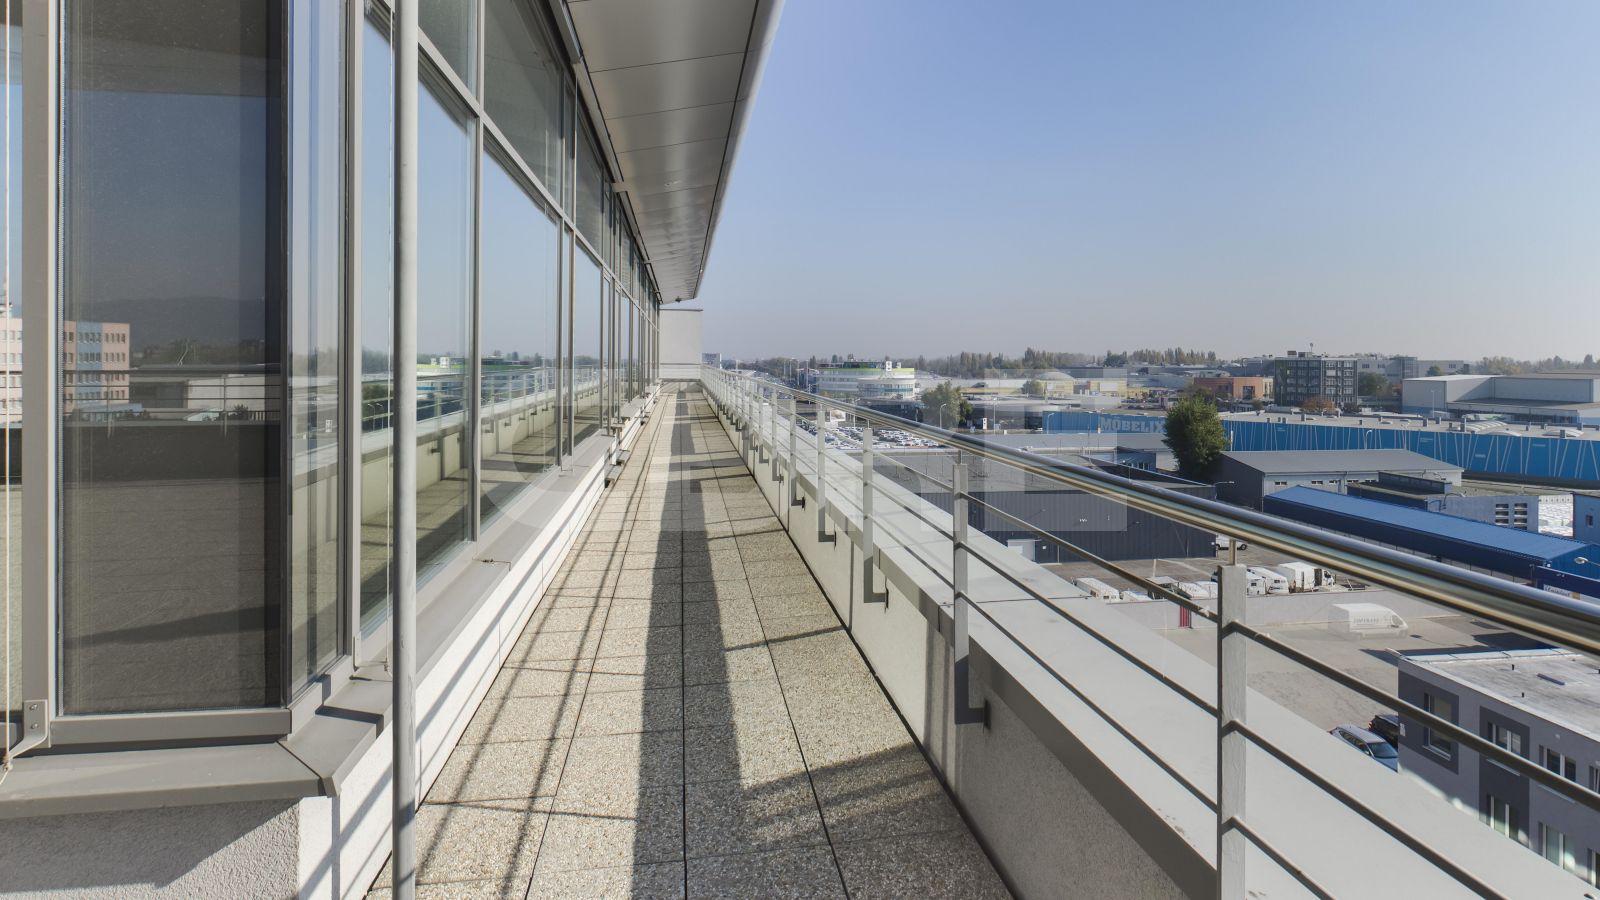 MicroStep - Vajnorská, Bratislava - Nové Mesto | Offices for rent by CBRE | 6